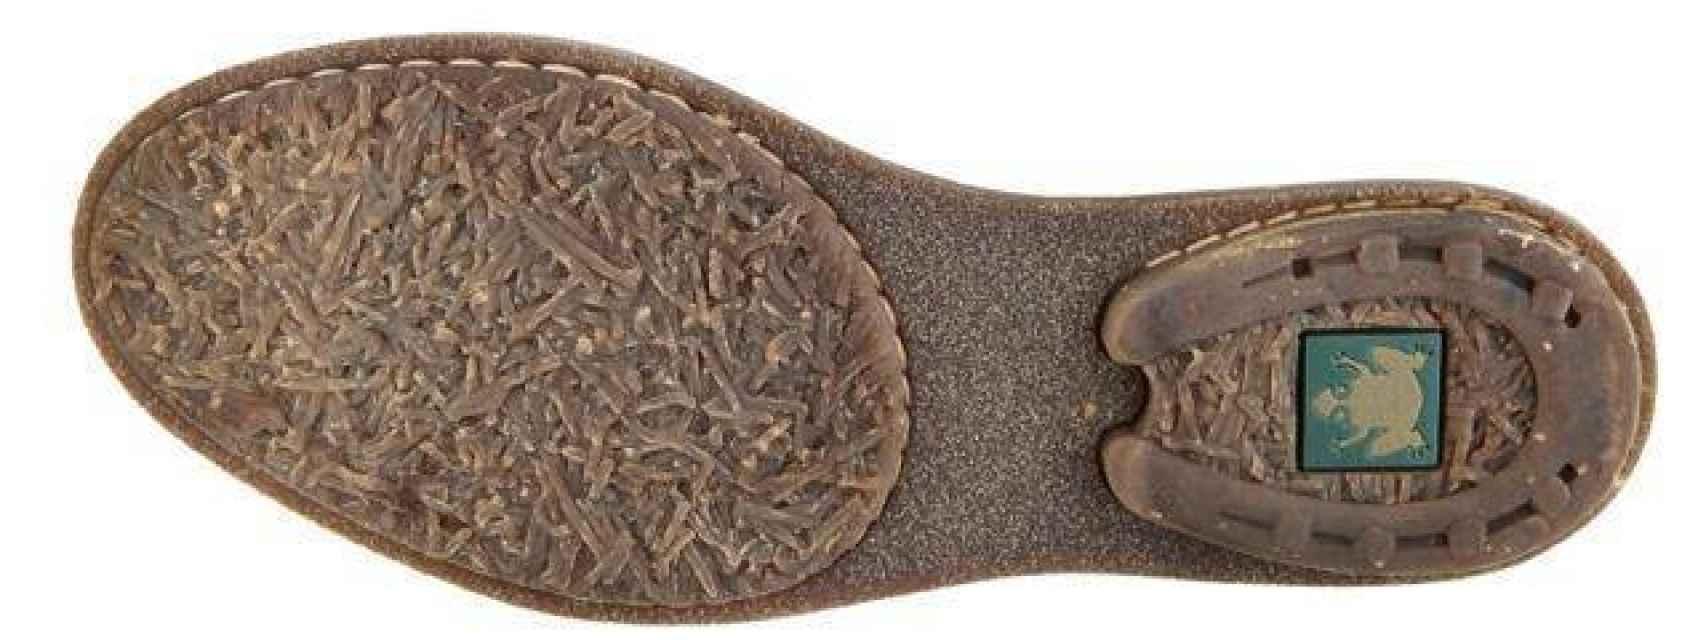 Materiales ecológicos y fabricación artesana, así se define la firma El Naturalista.